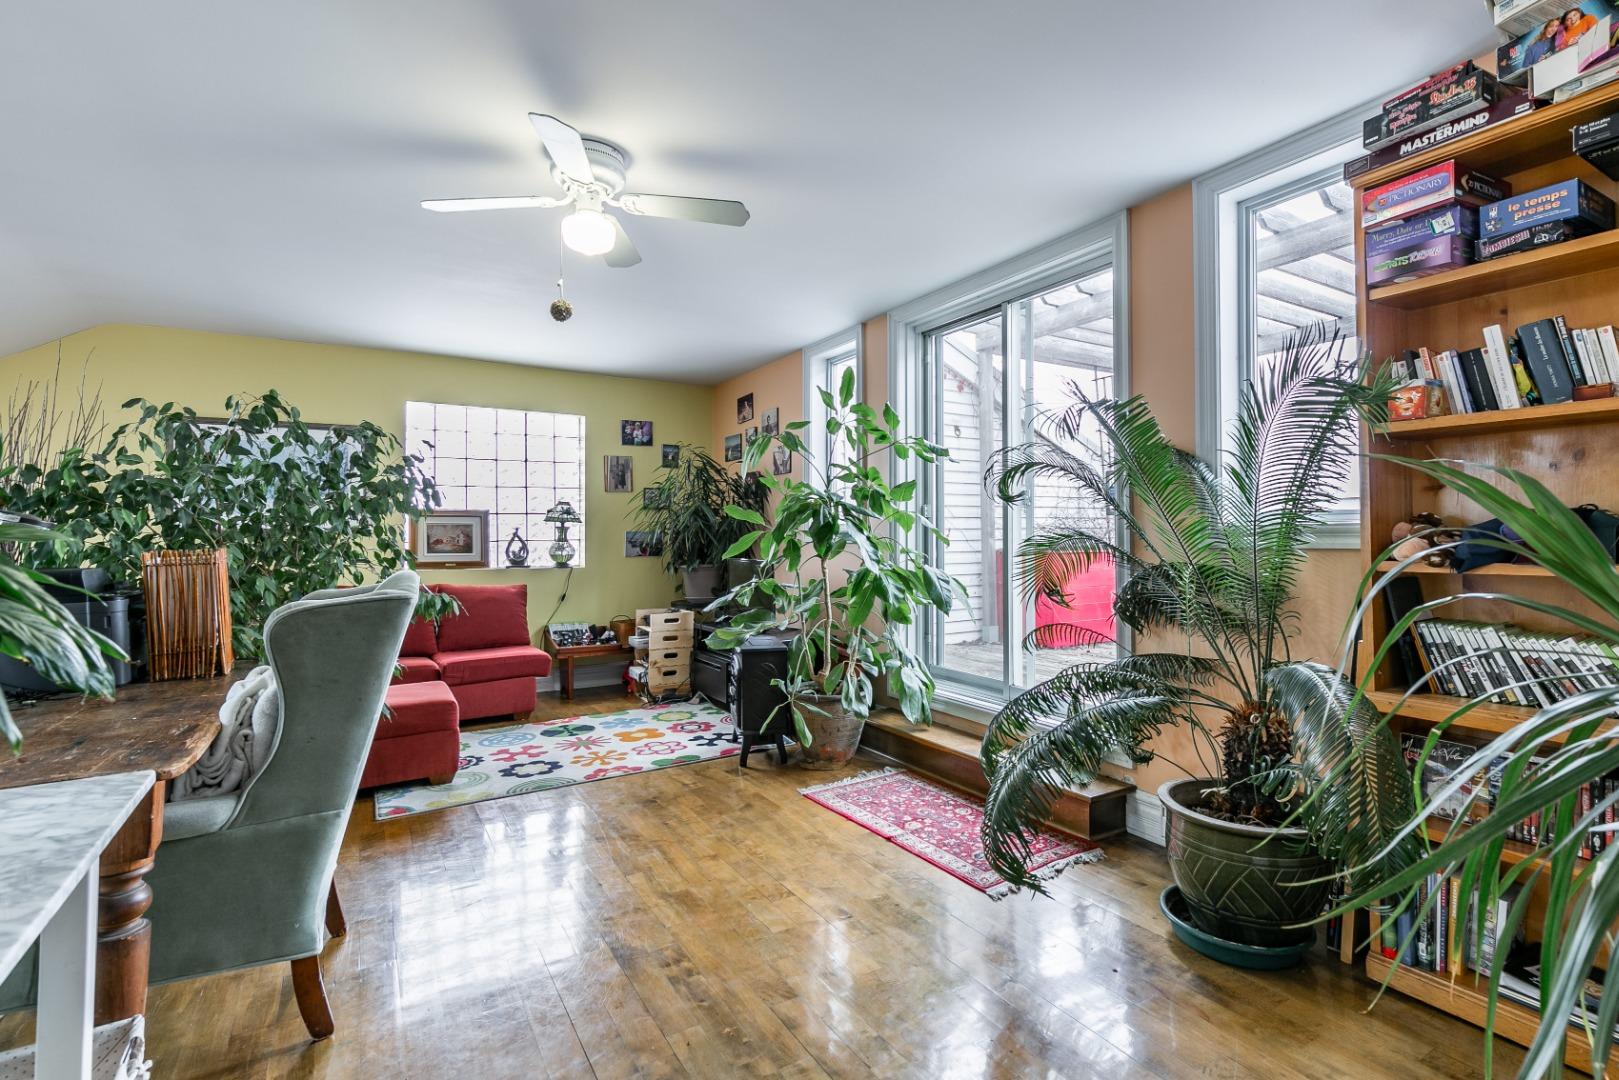 Condo à vendre Rosemont 6529 rue Cartier Montréal-21.jpg